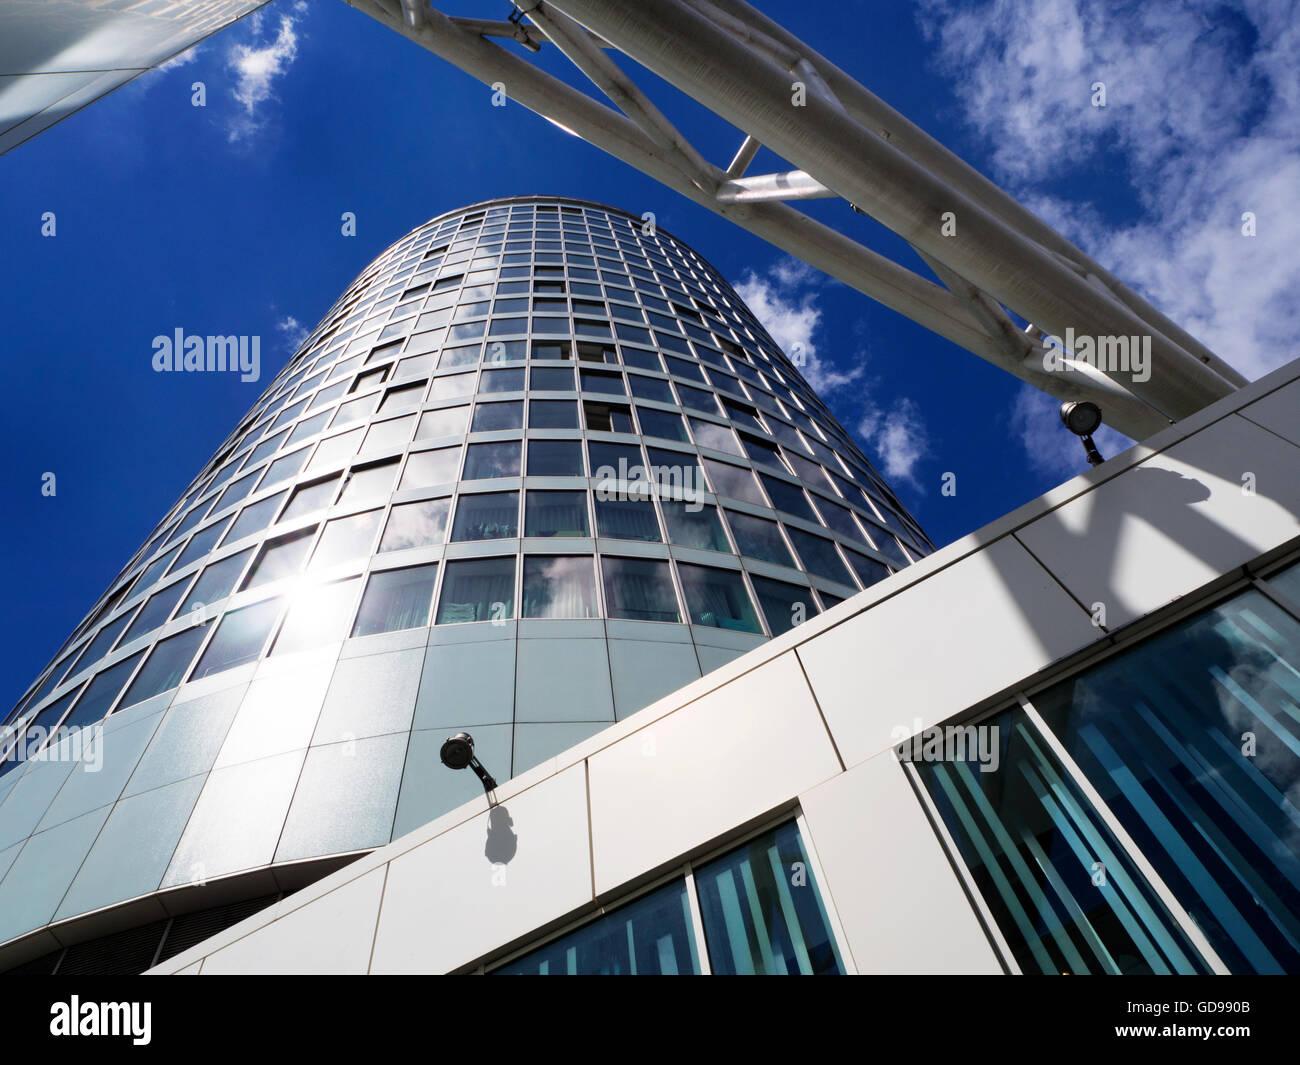 La rotonda de gran altura cilíndrica 1960 Edificio residencial reabrió 2008 Plaza de Toros Birmingham Imagen De Stock